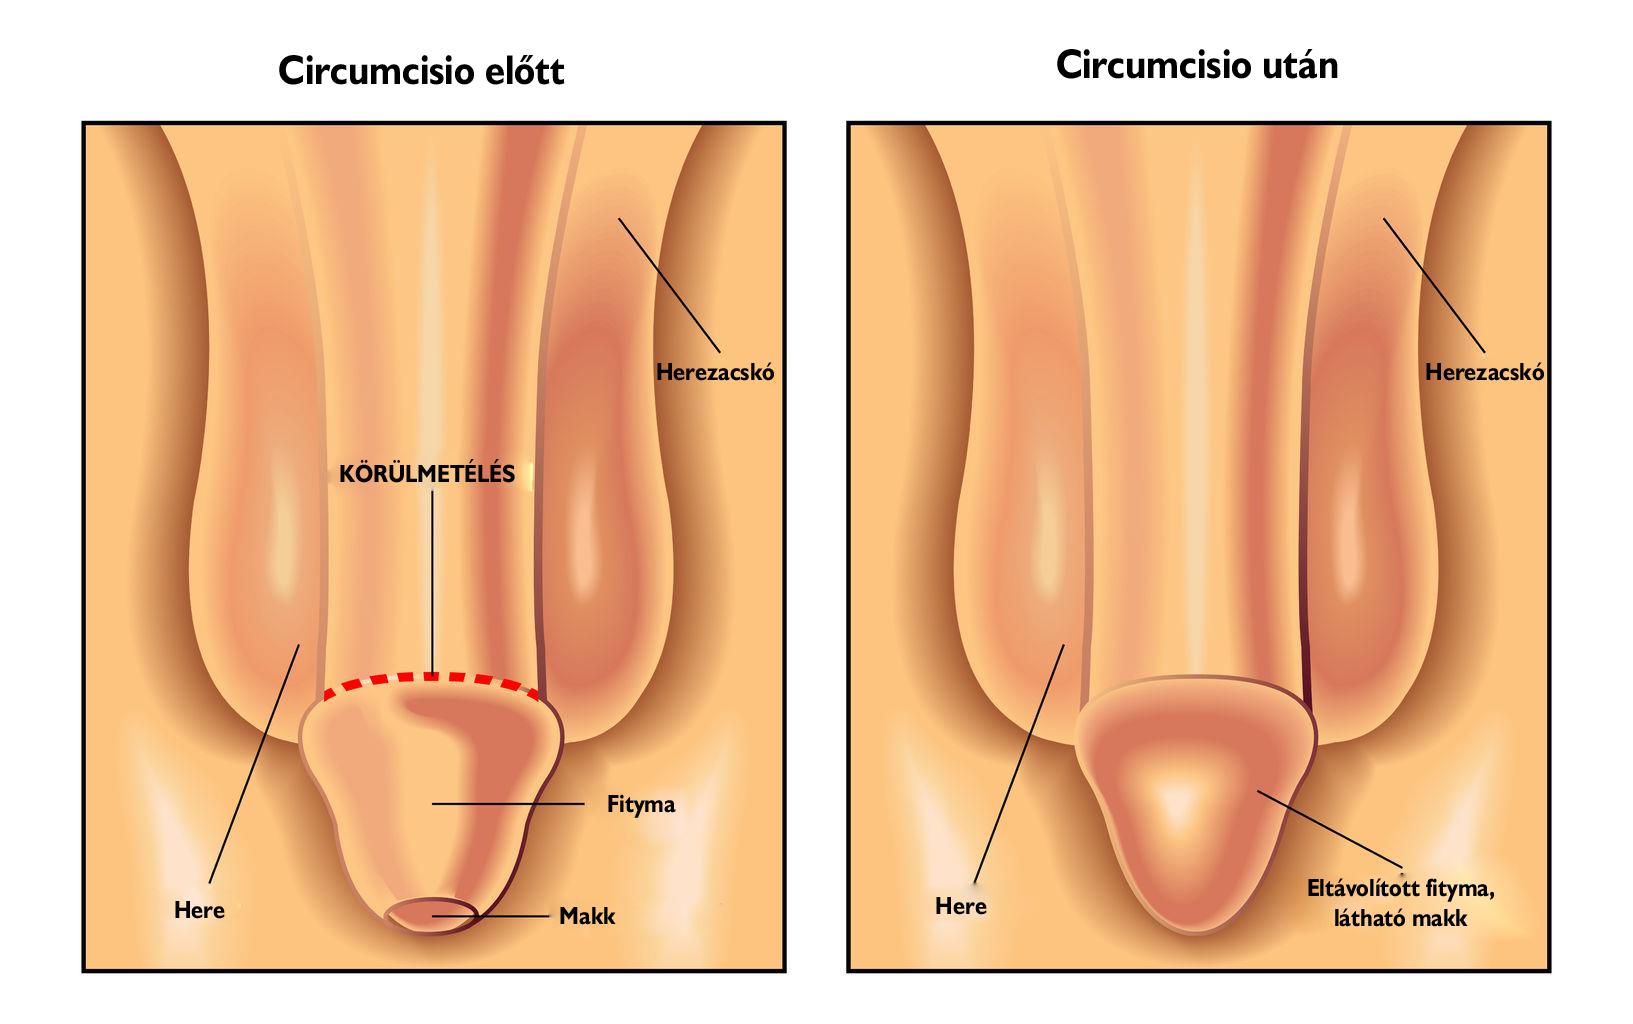 kozmetikai műtét a péniszen)